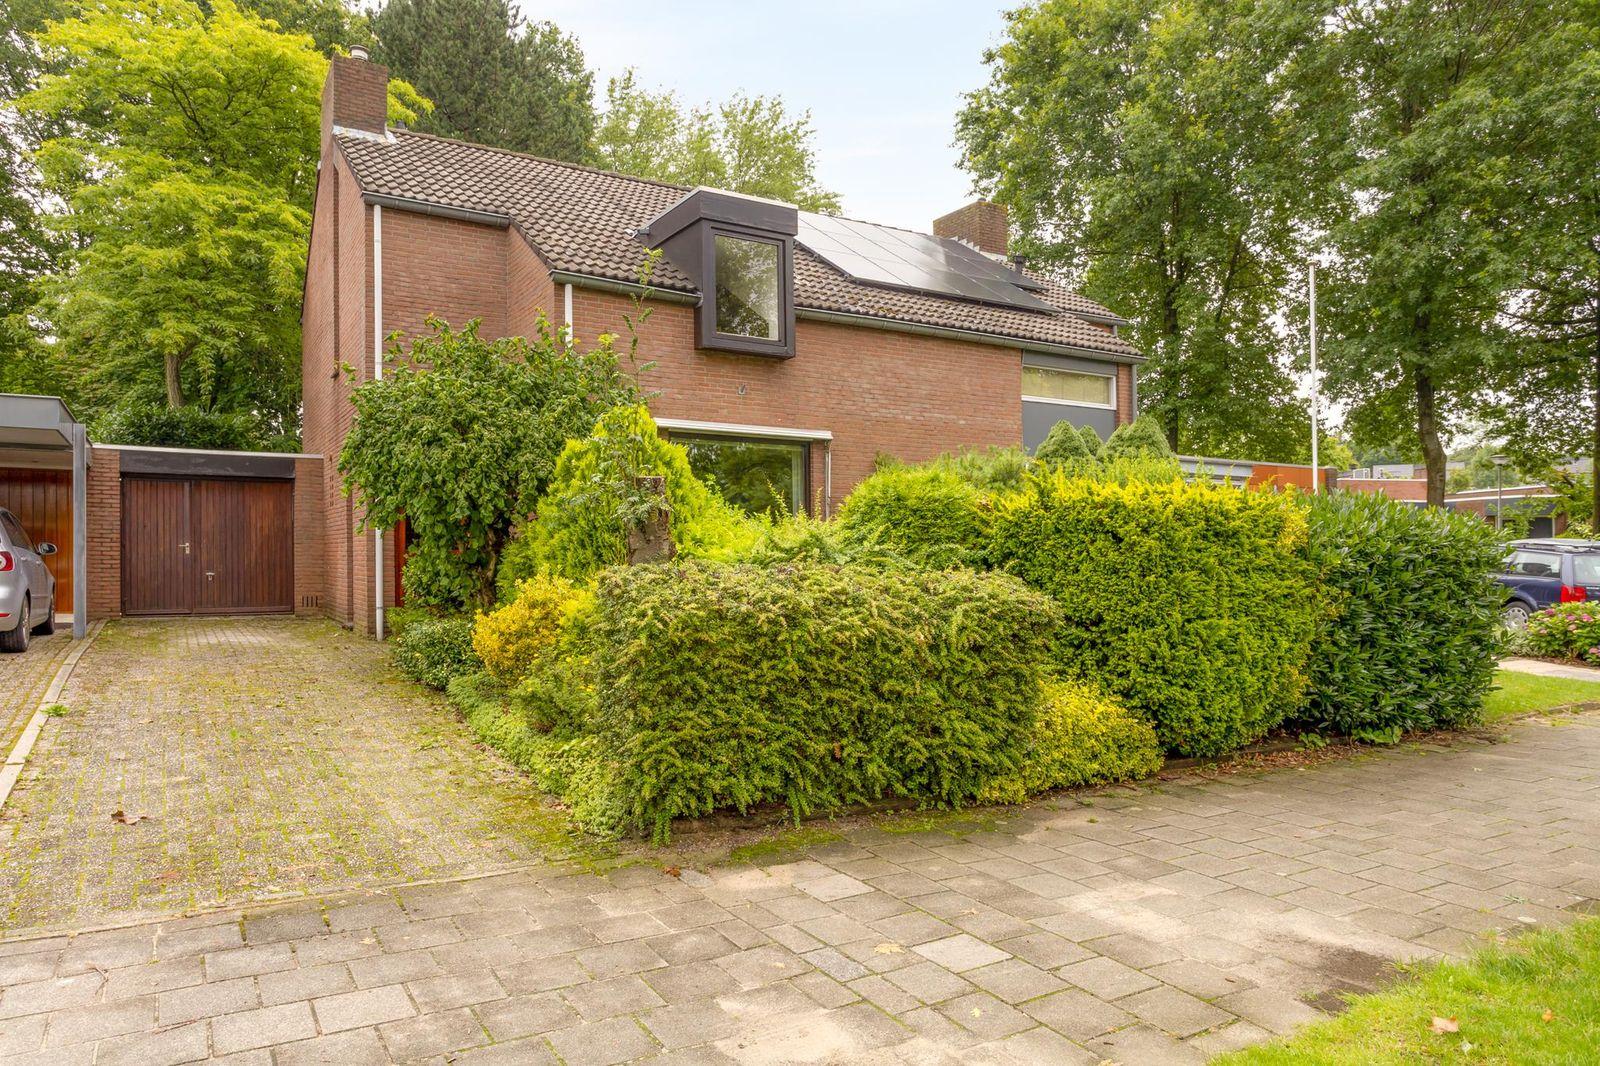 Van Weerden Poelmanstraat 193, Heerlen